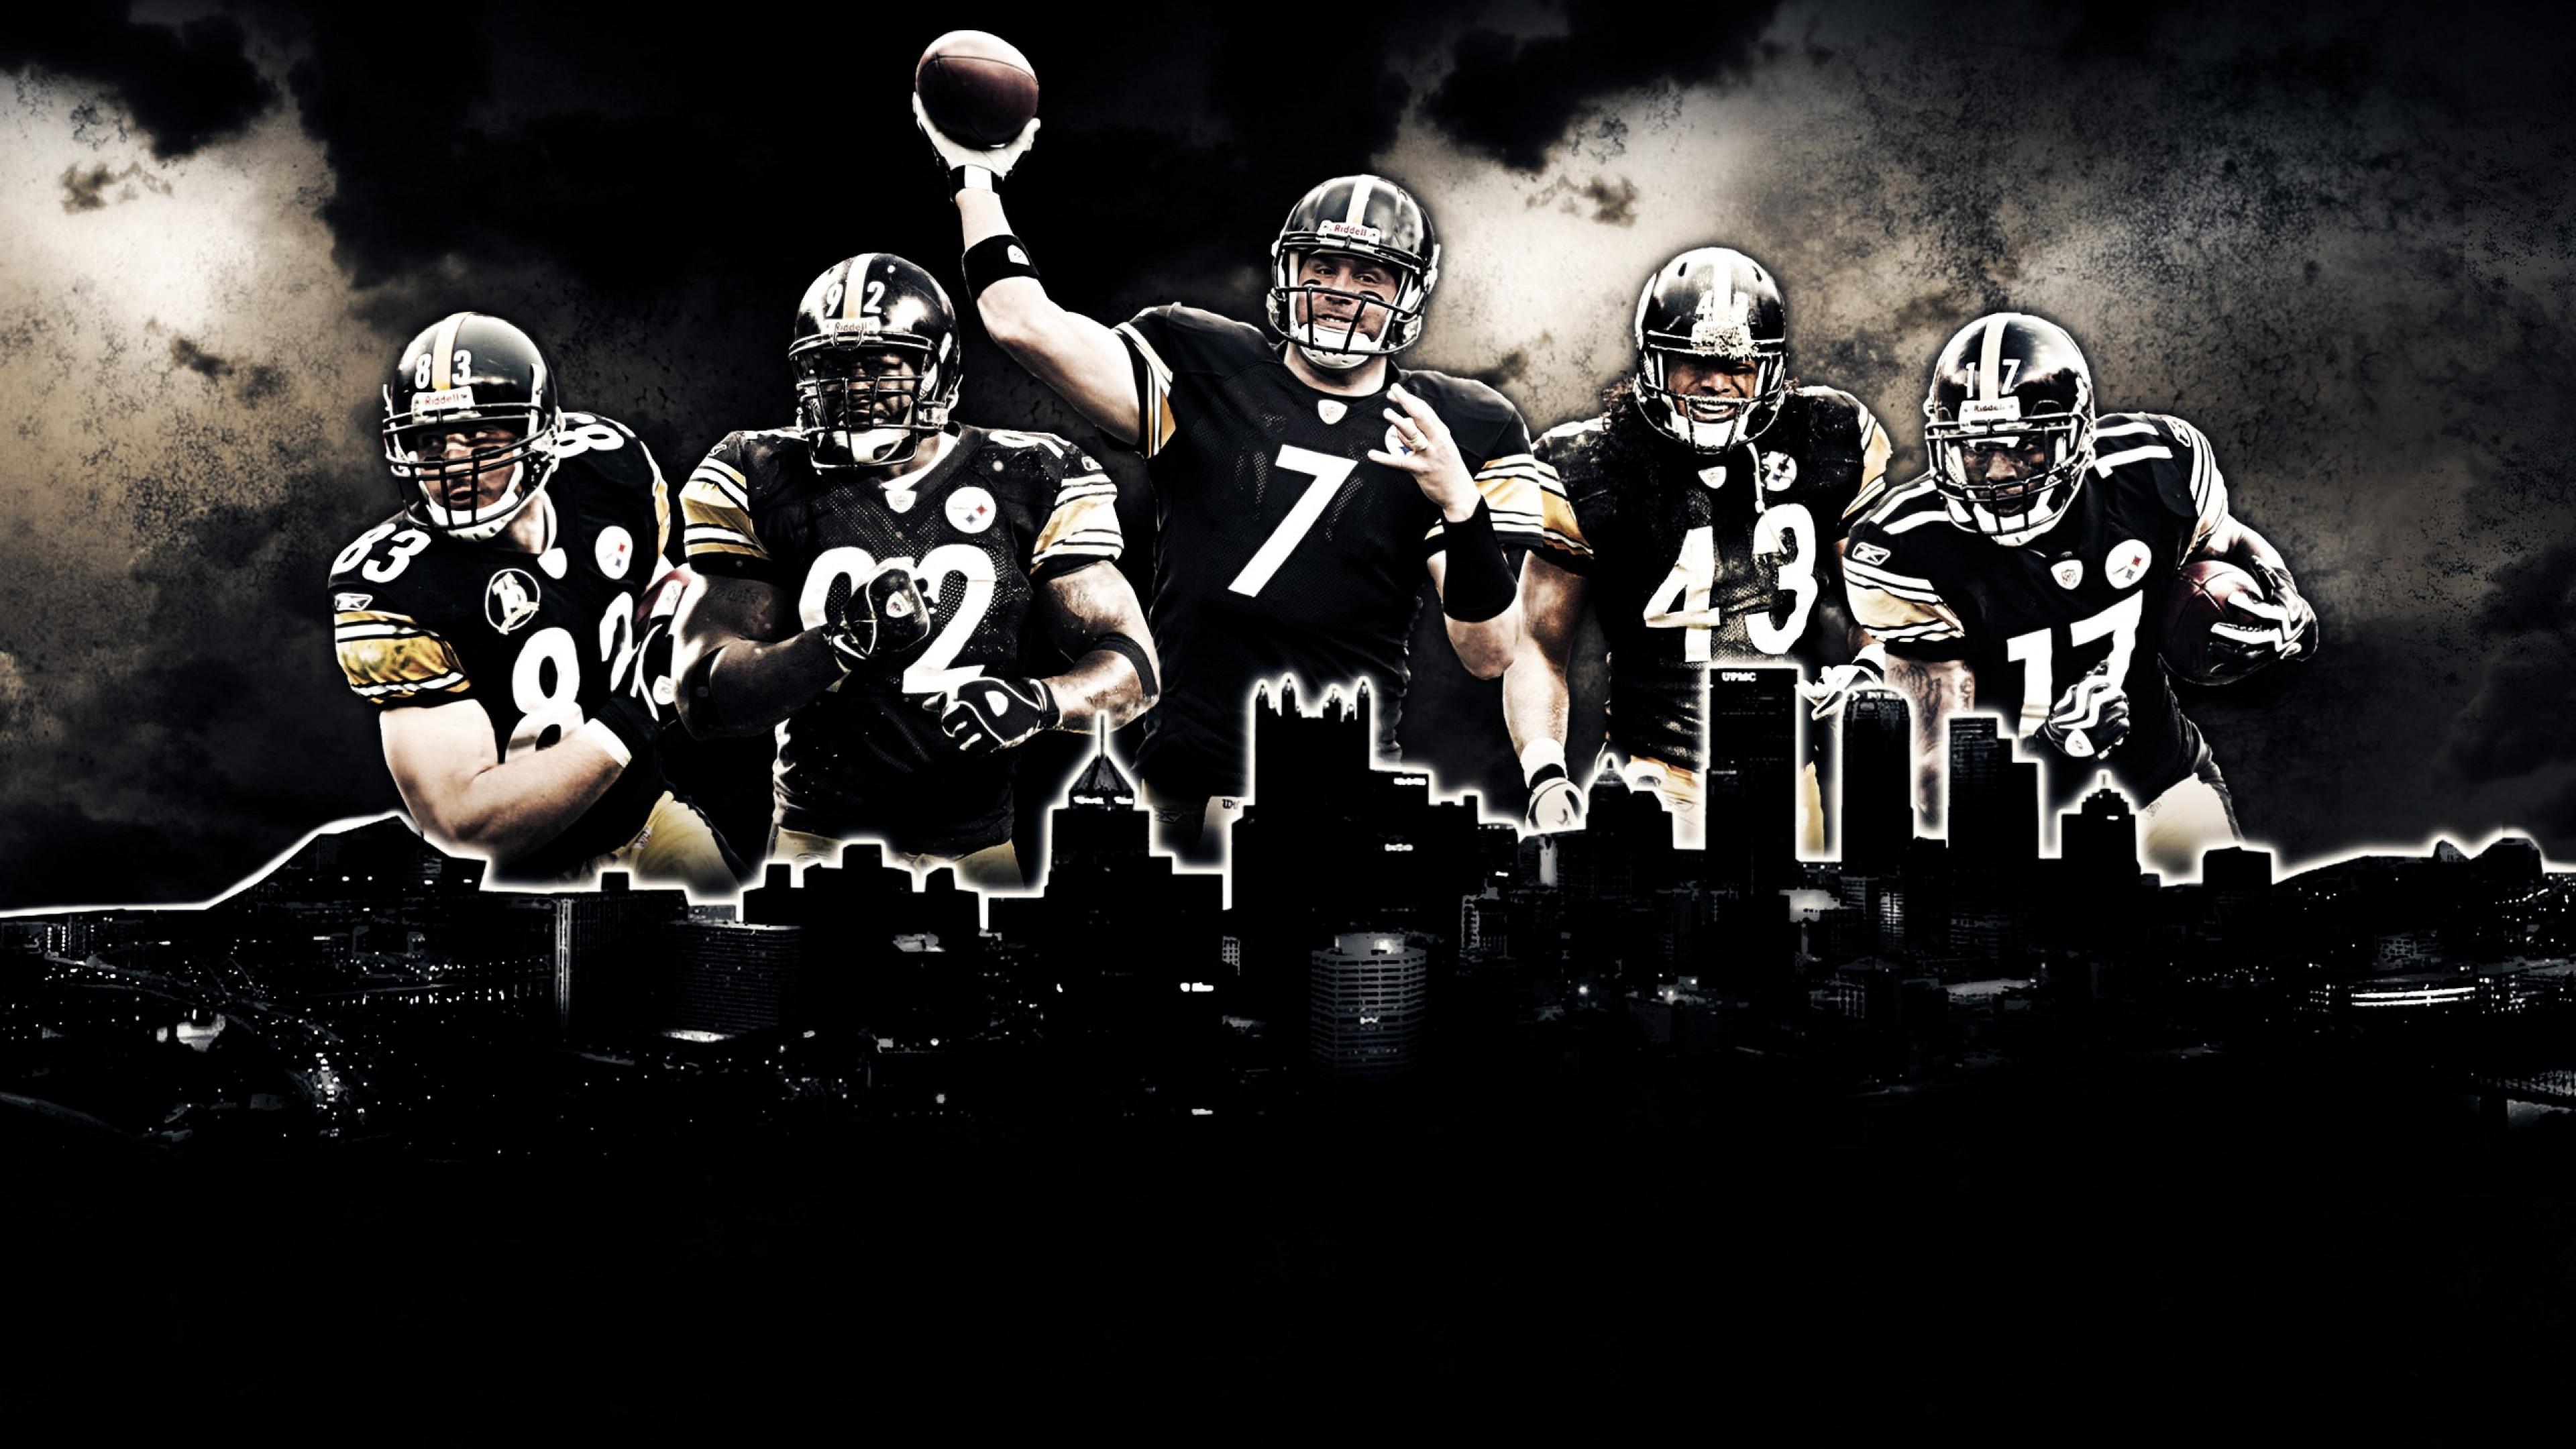 NFL-wallpapers-HD-team-pittsburgh-steelers